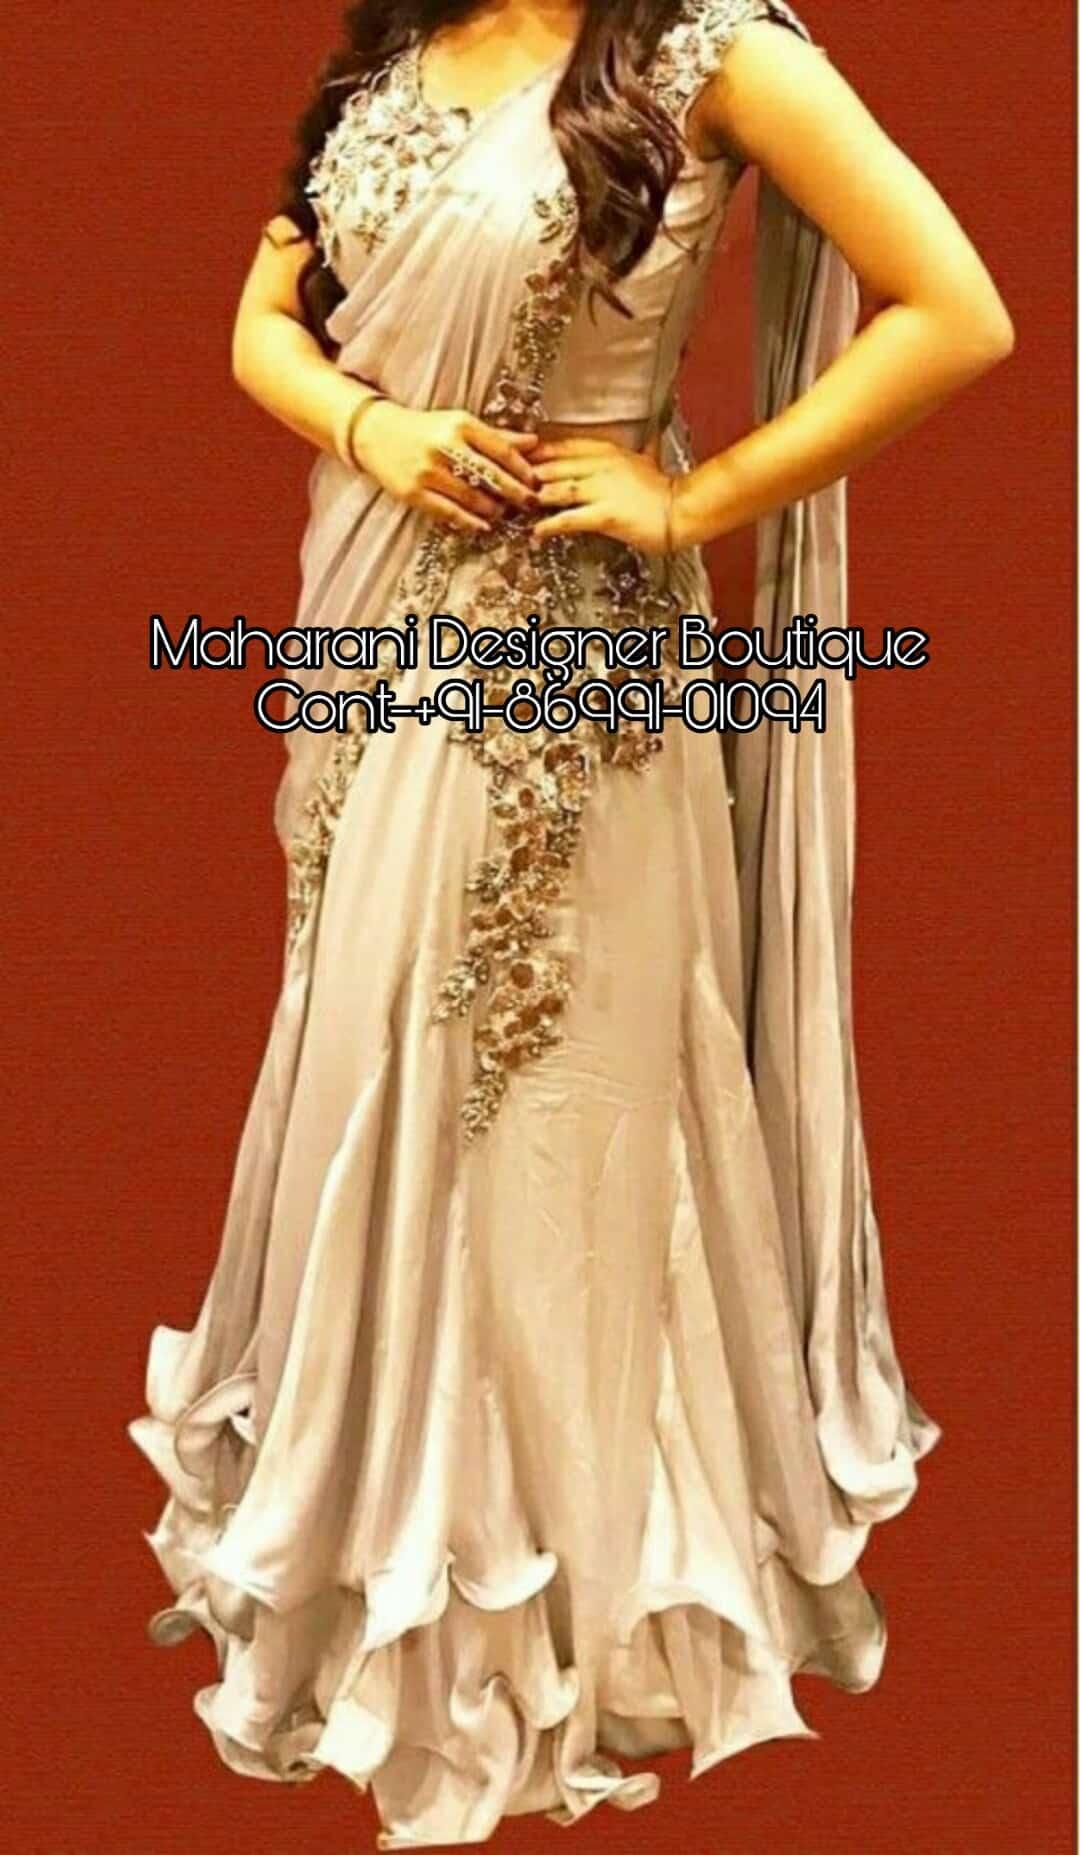 Designer Fashionable Sarees Maharani Designer Boutique